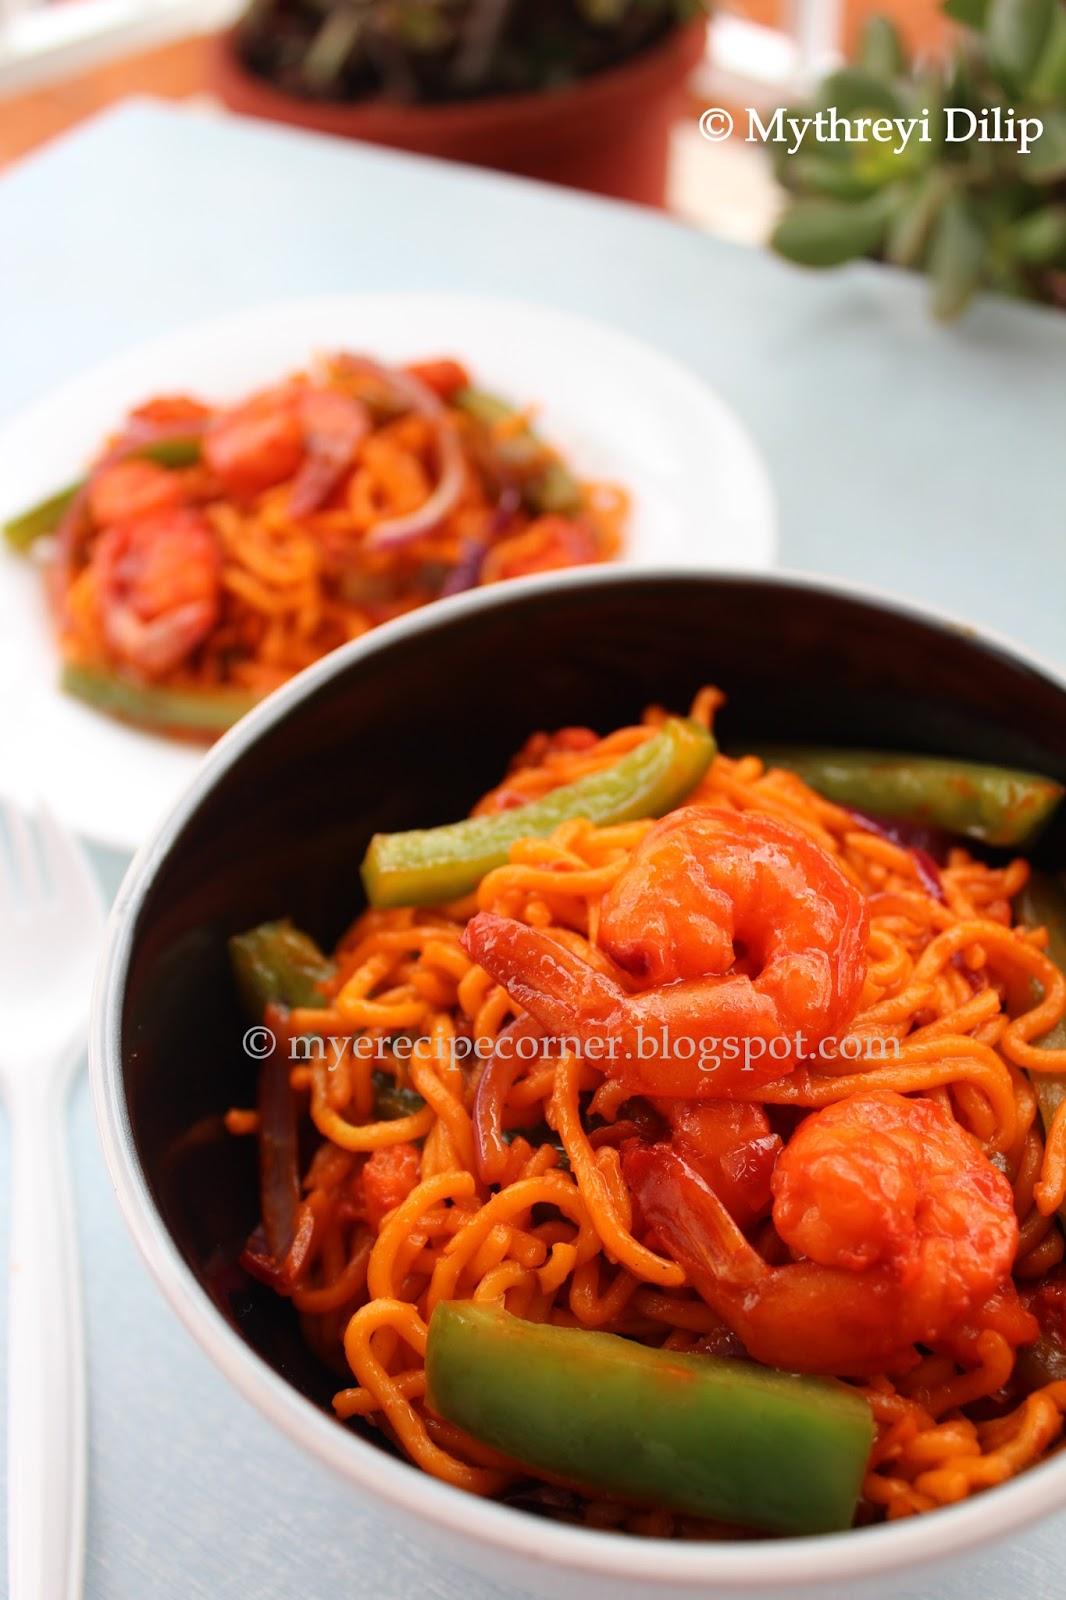 Mye's Kitchen: Singapore Prawn Noodles - Chilli Garlic Prawn Noodles